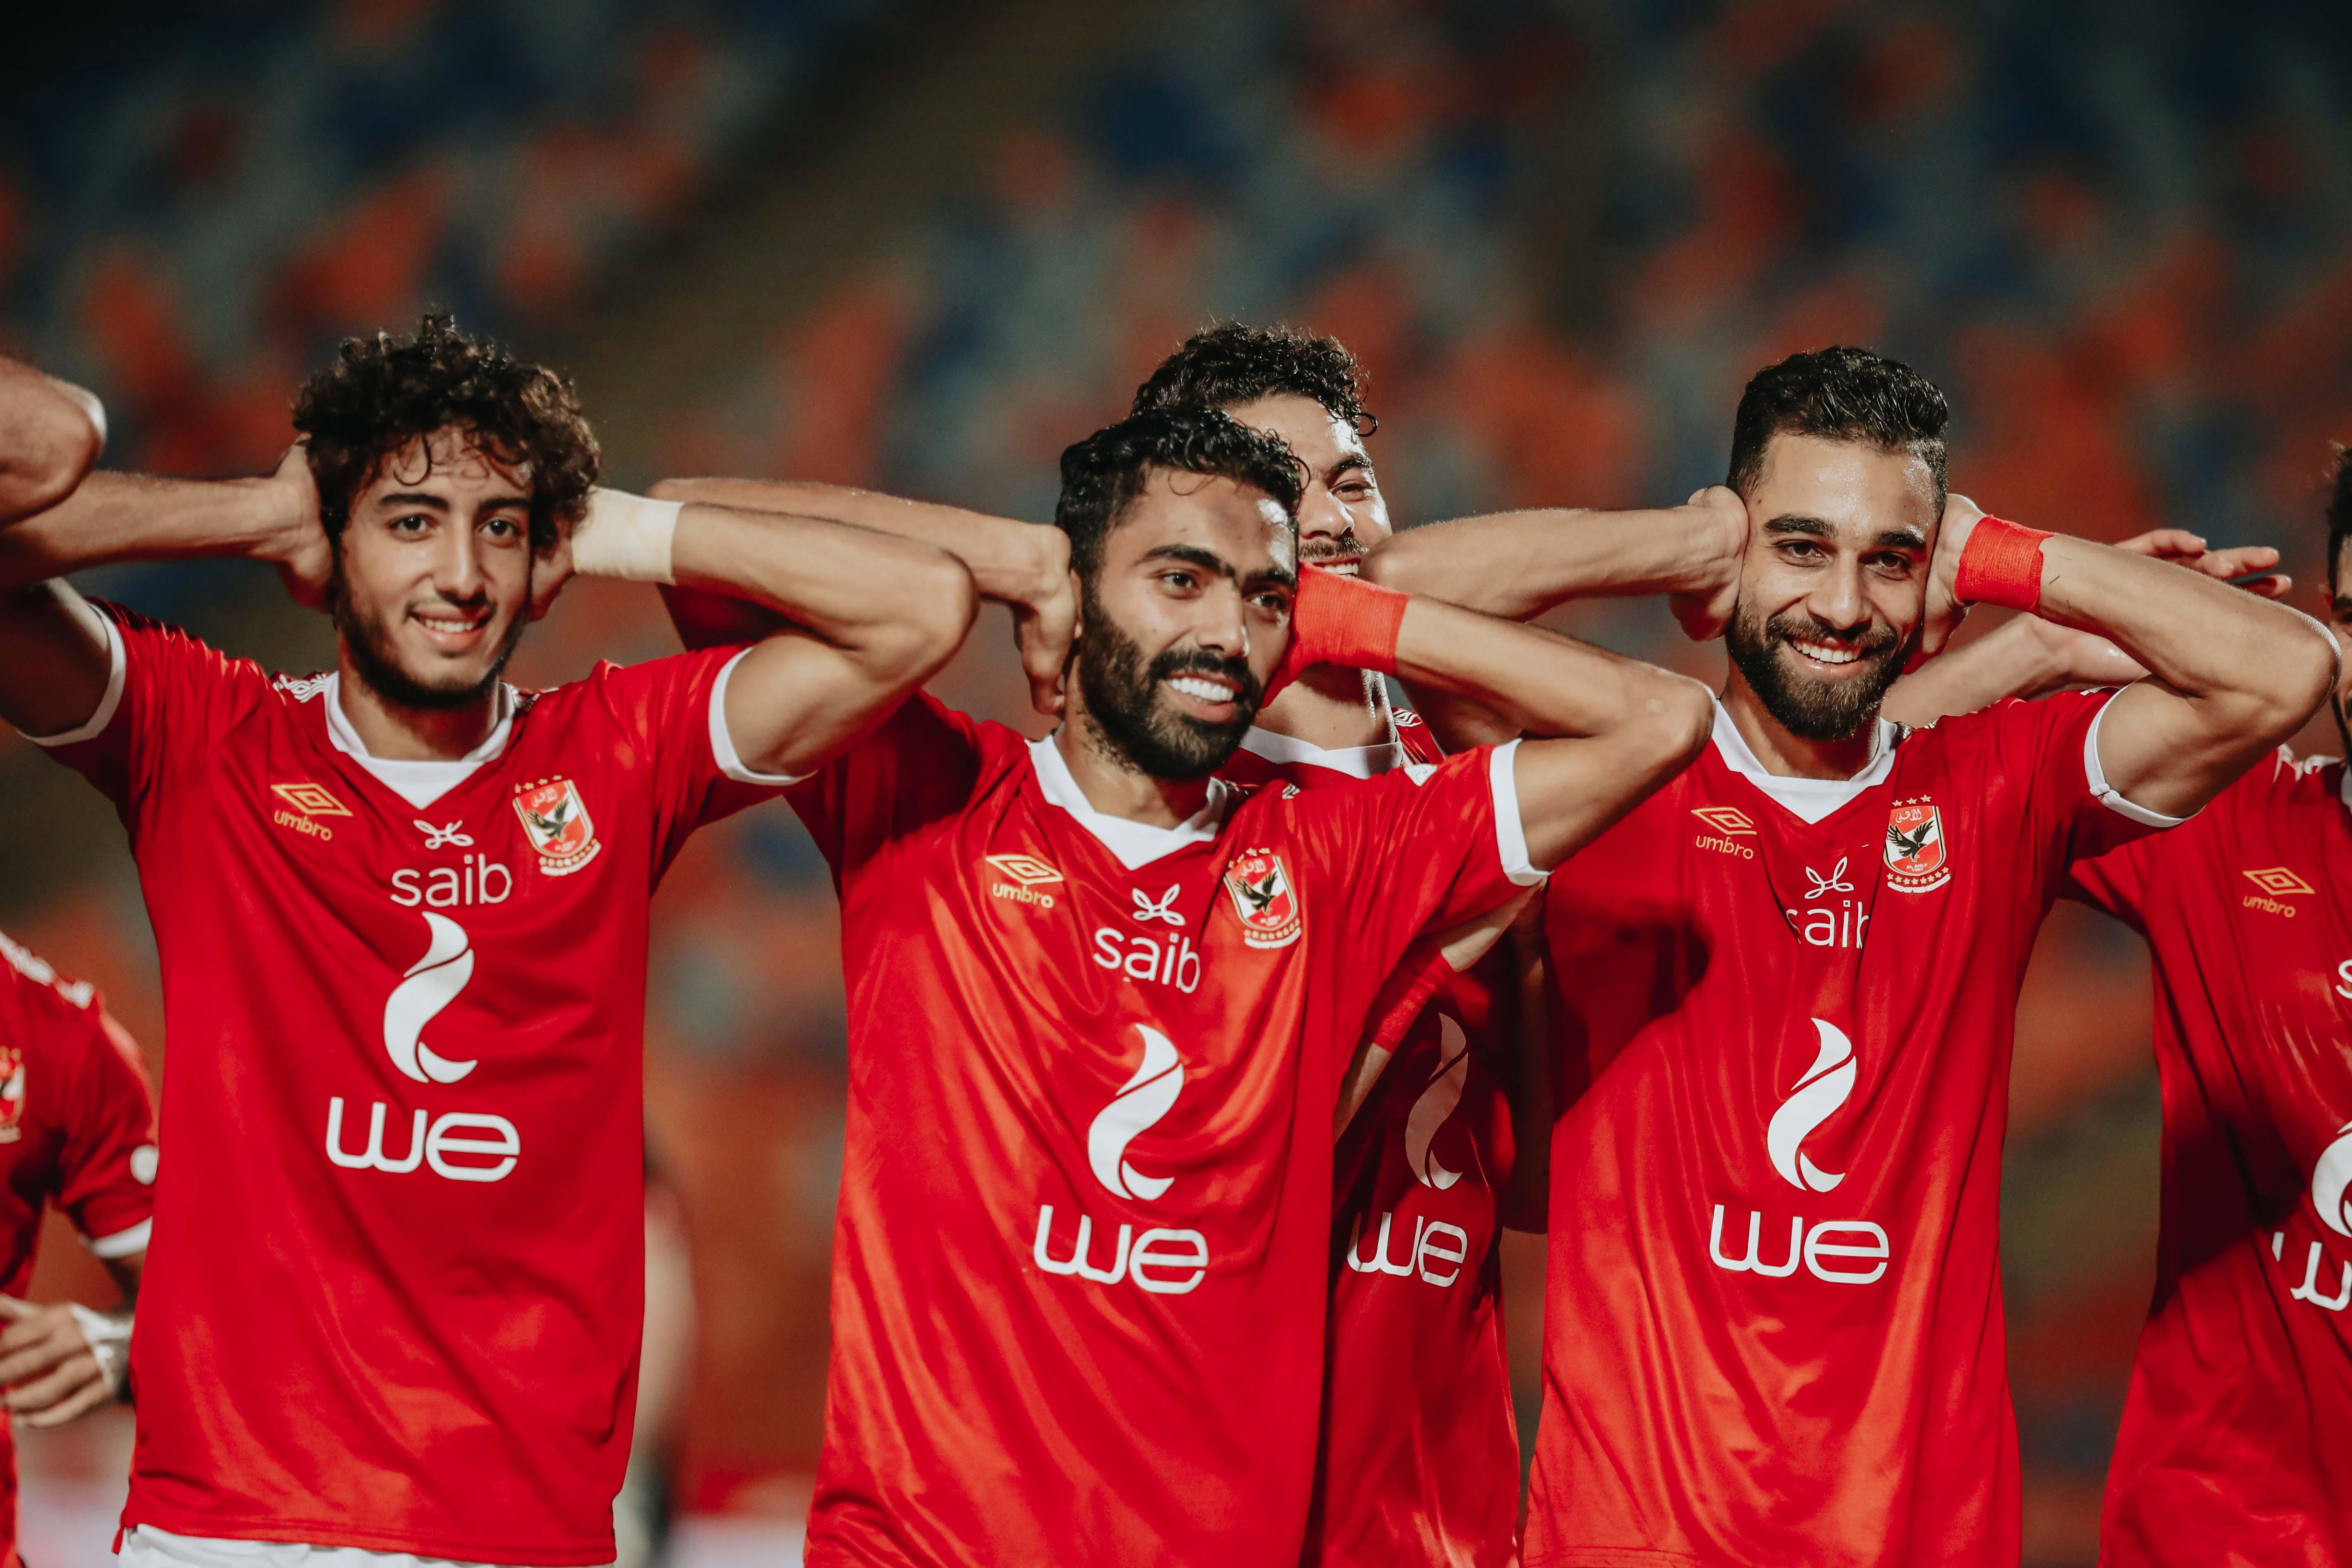 «موسيماني» يستهل مشوارة مع الاهلي بفوز على المقاولون بهدف نظيف في الدوري